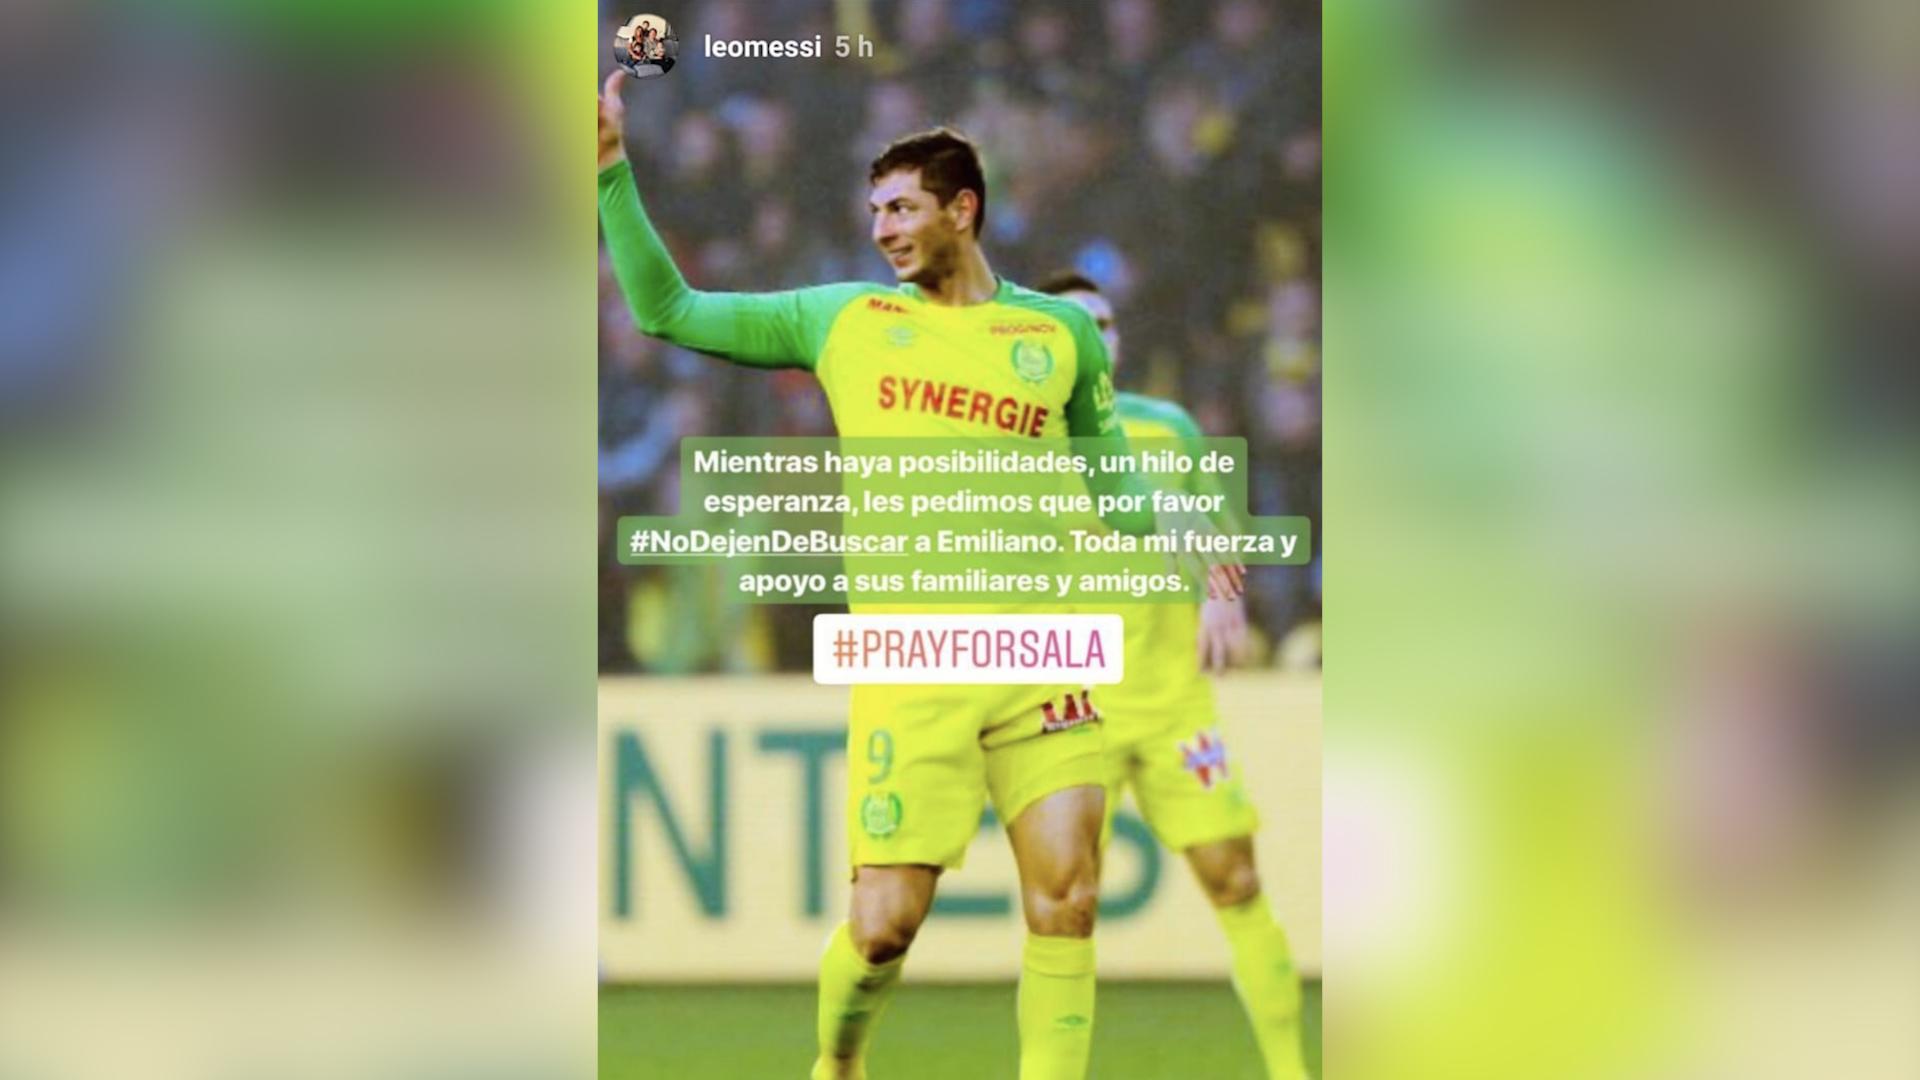 Este fue el mensaje que Lionel Messi publicó en sus historias de Instagram. Messi pide que no dejen de buscar a Emiliano Sala. (Foto Prensa Libre: @leomessi)